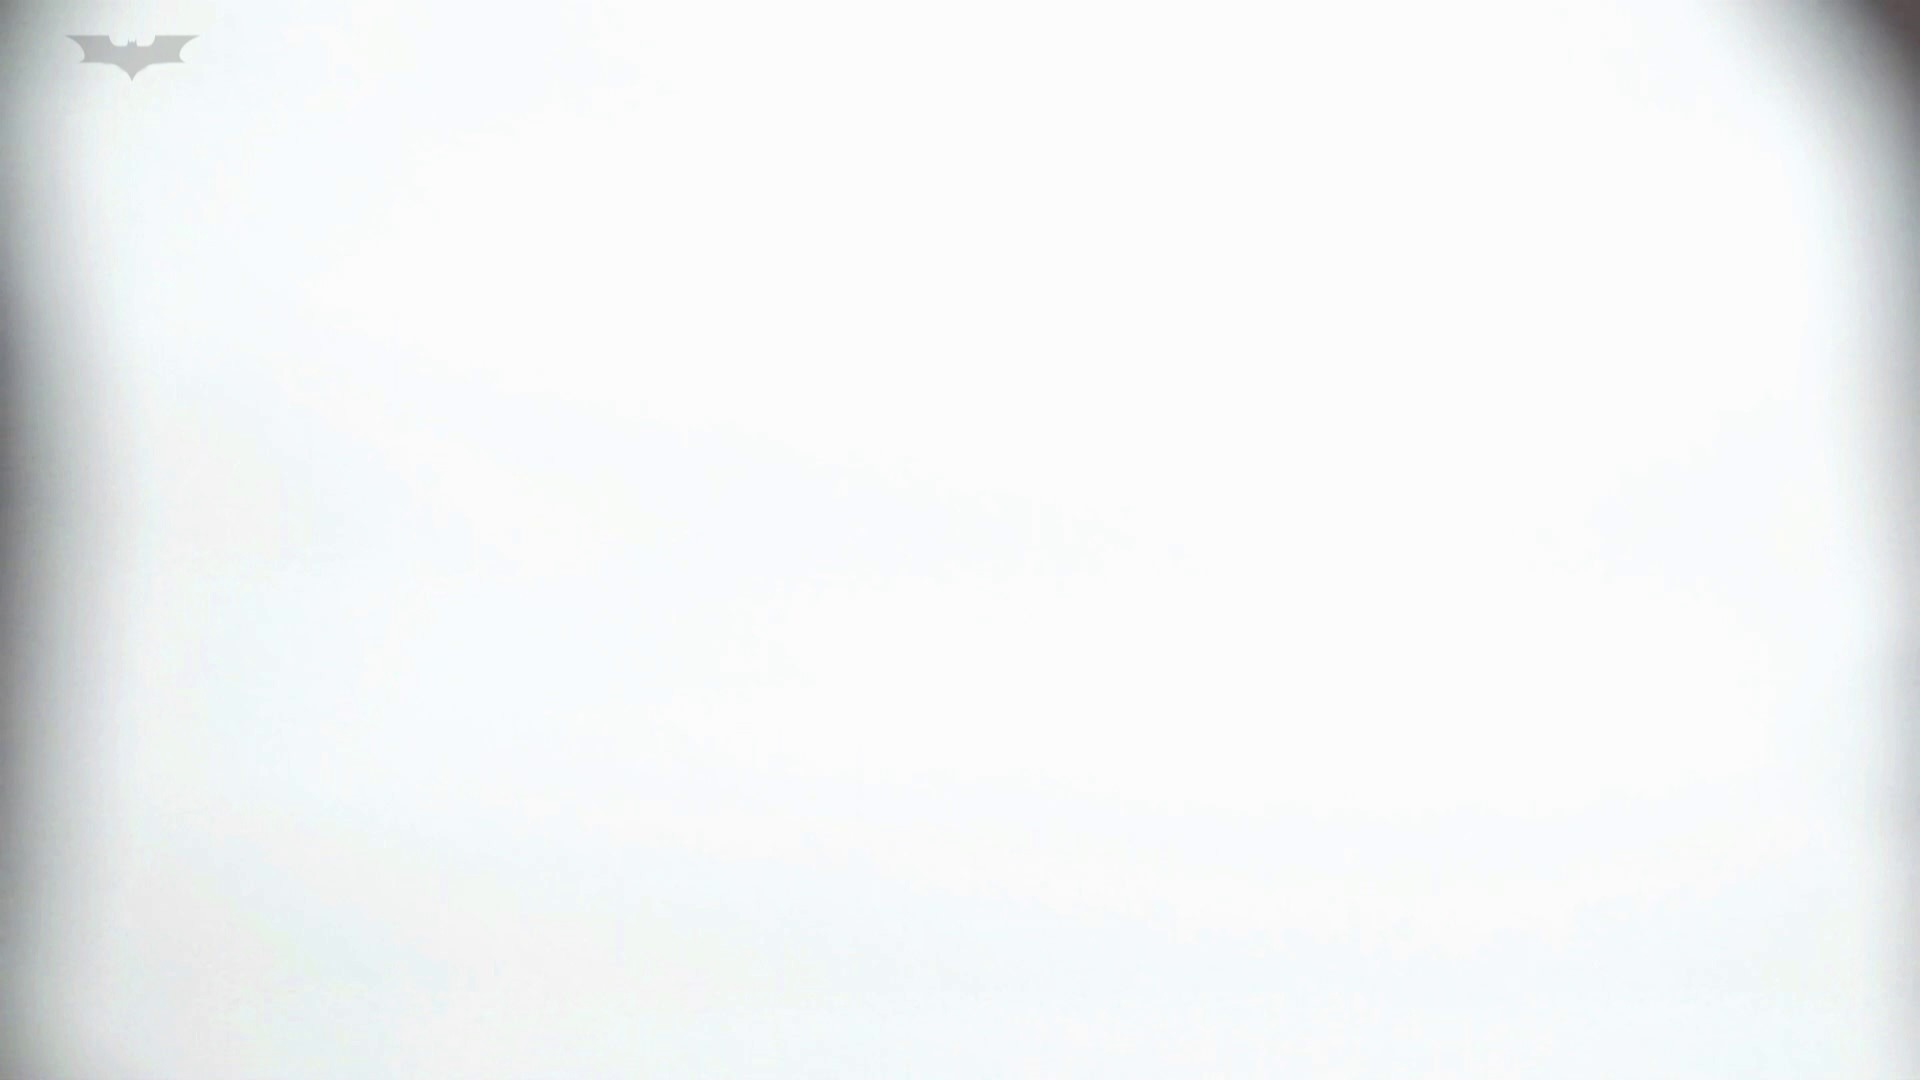 お銀 vol.74 典型的な韓国人美女登場!! OL   洗面所着替え  78連発 53